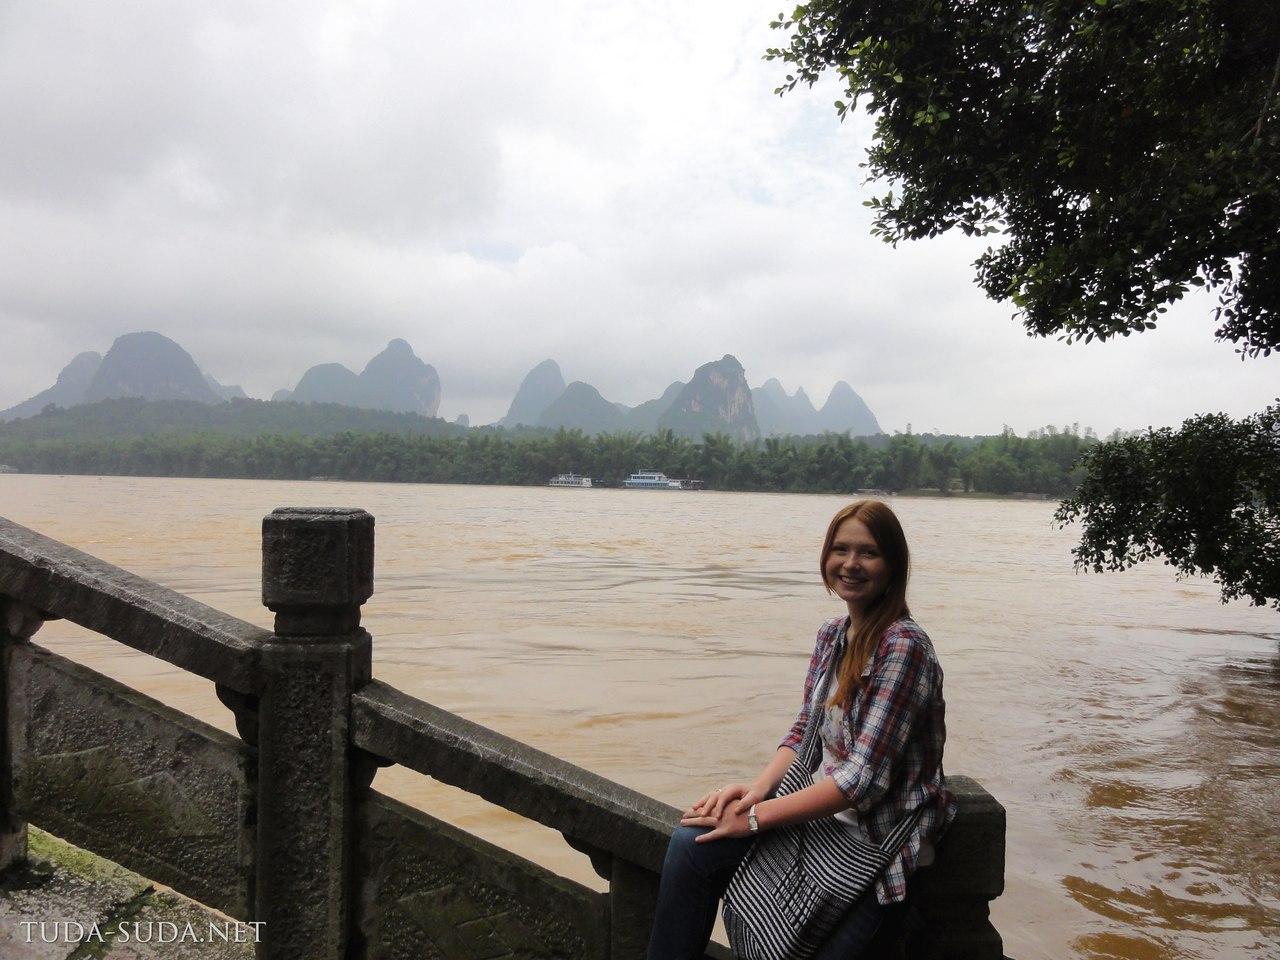 Фотографирование напротив реки Ли